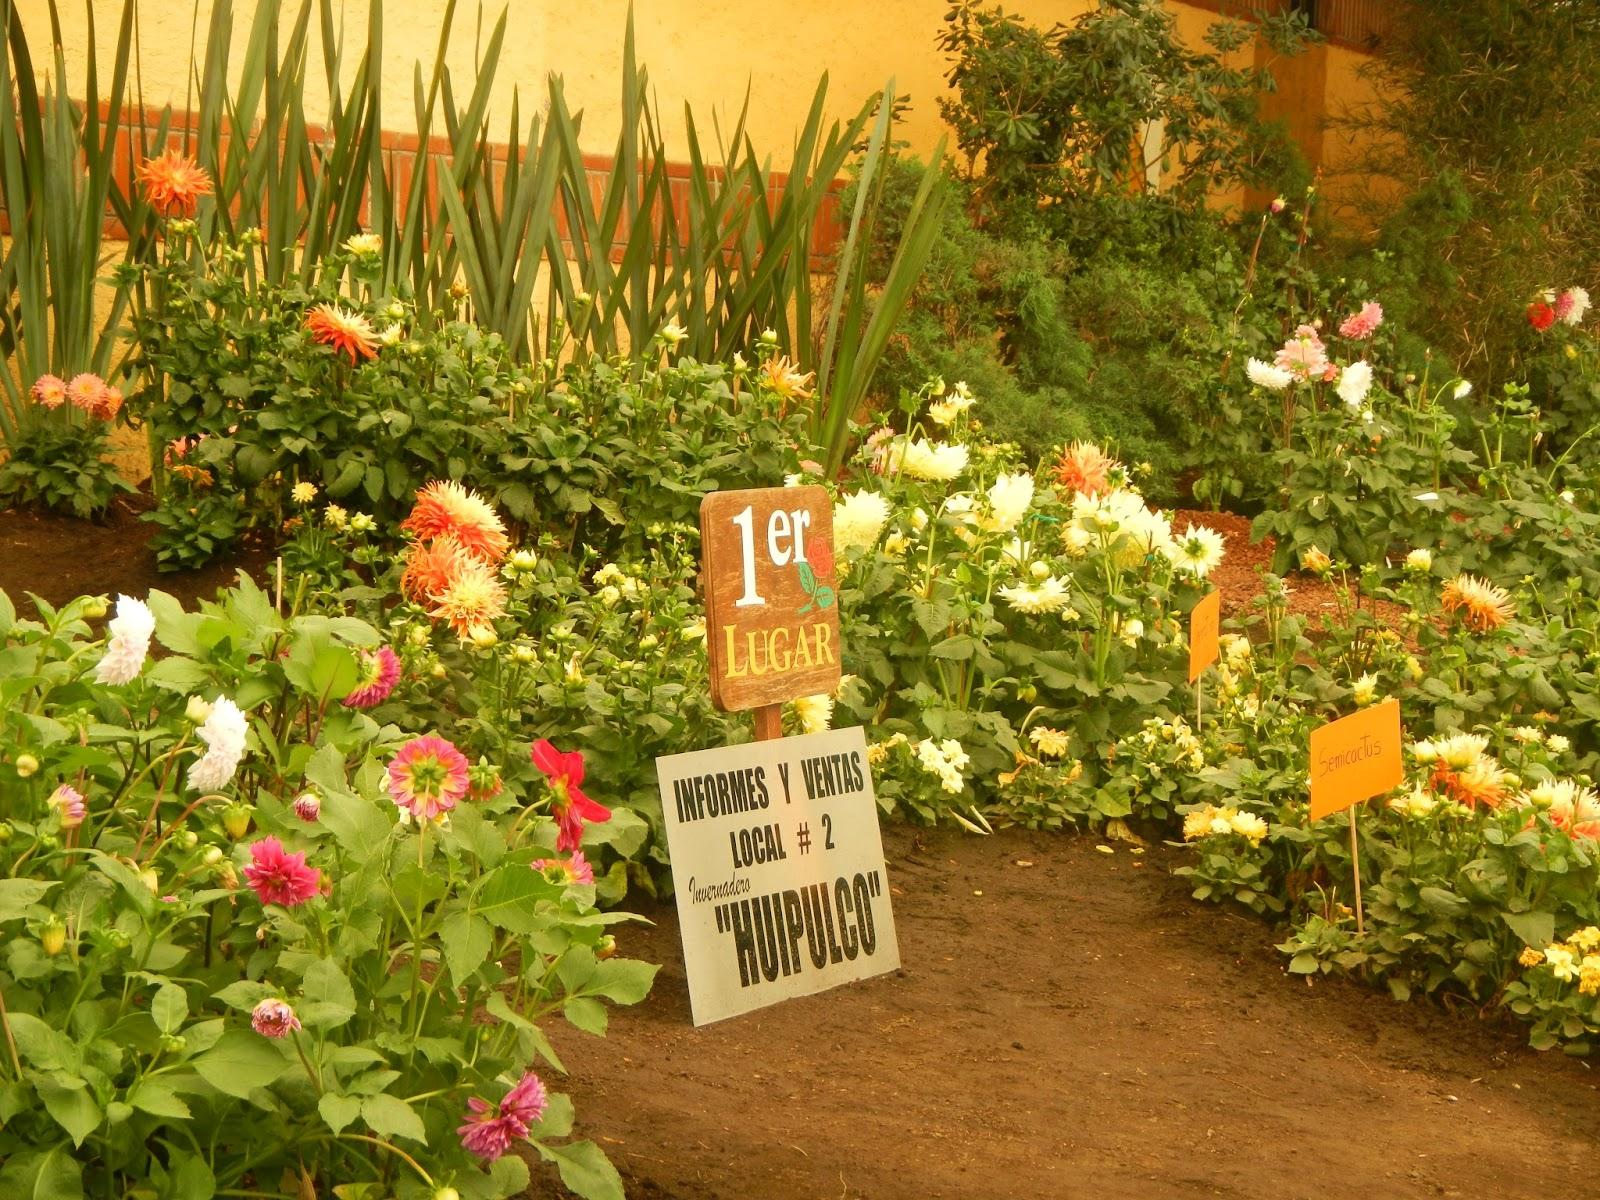 Viveros de plantas hd 1080p 4k foto for Viveros de plantas en renca